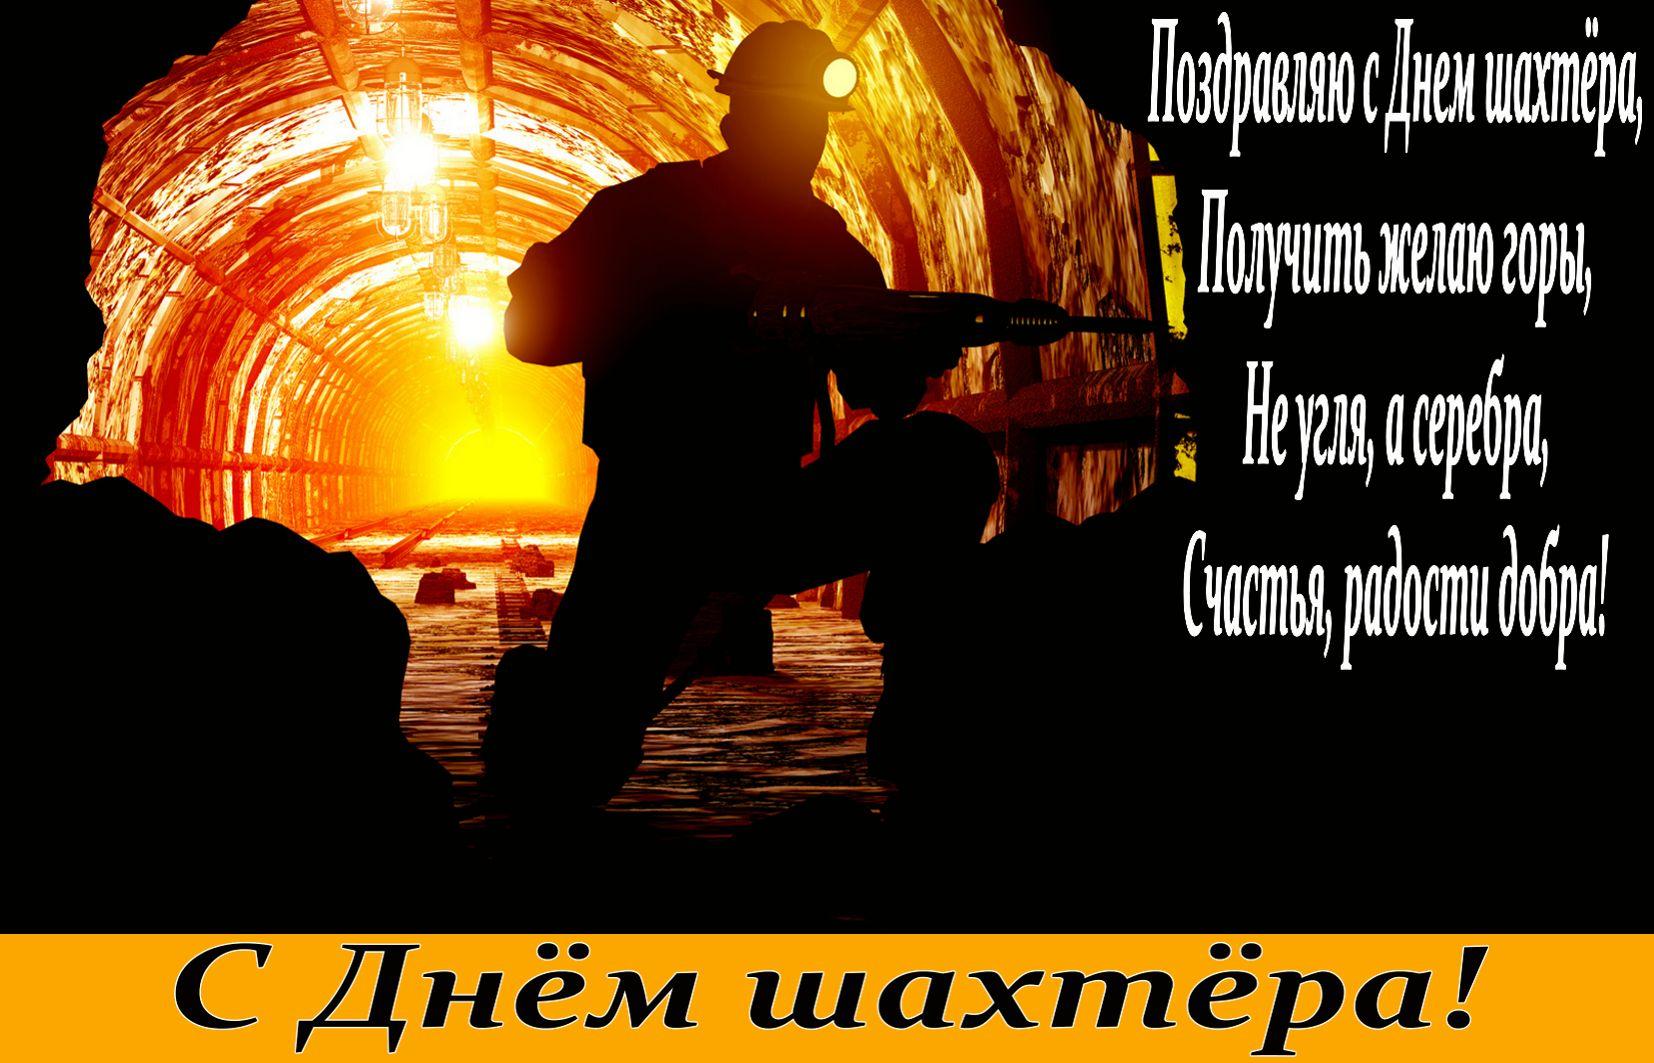 Фото шахтера на открытку, букеты роз